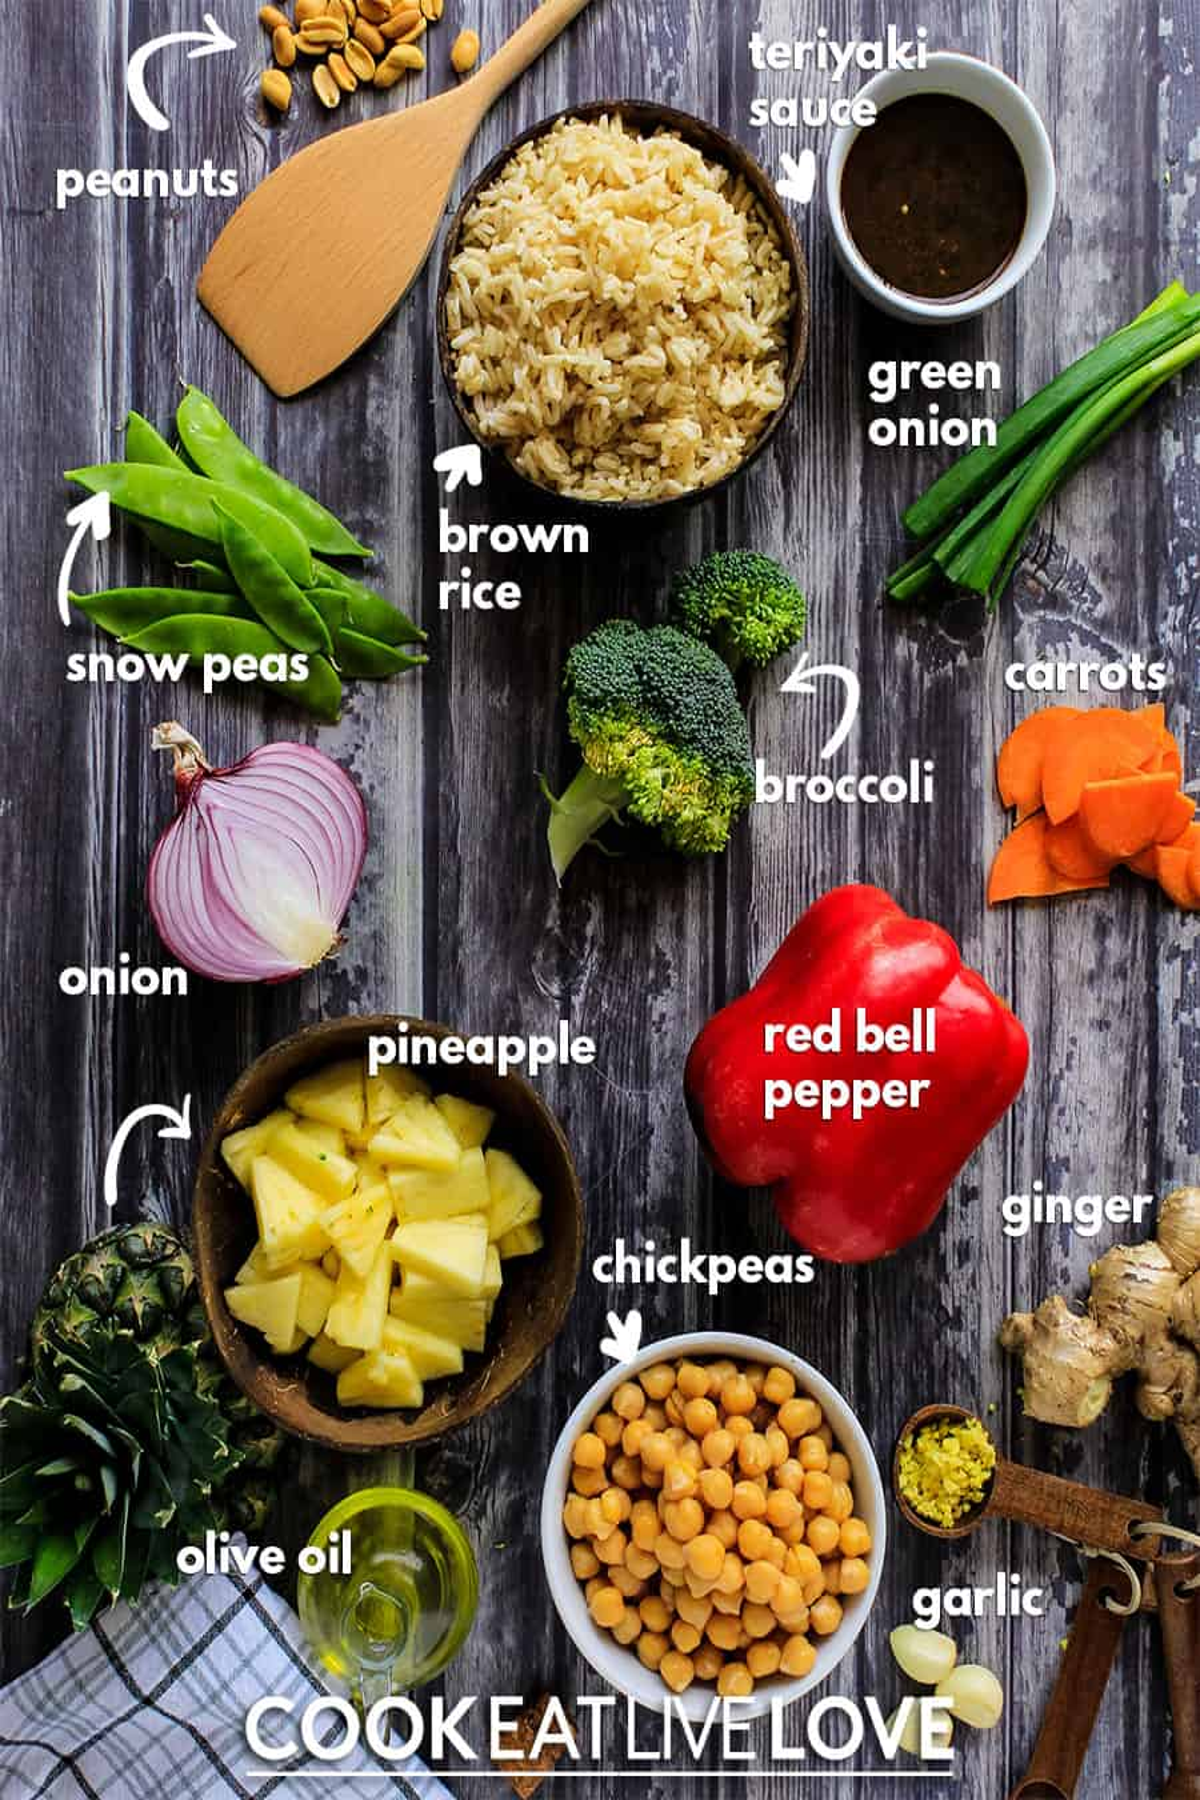 Overhead view of ingredients needed to prepare vegan pineapple fried rice